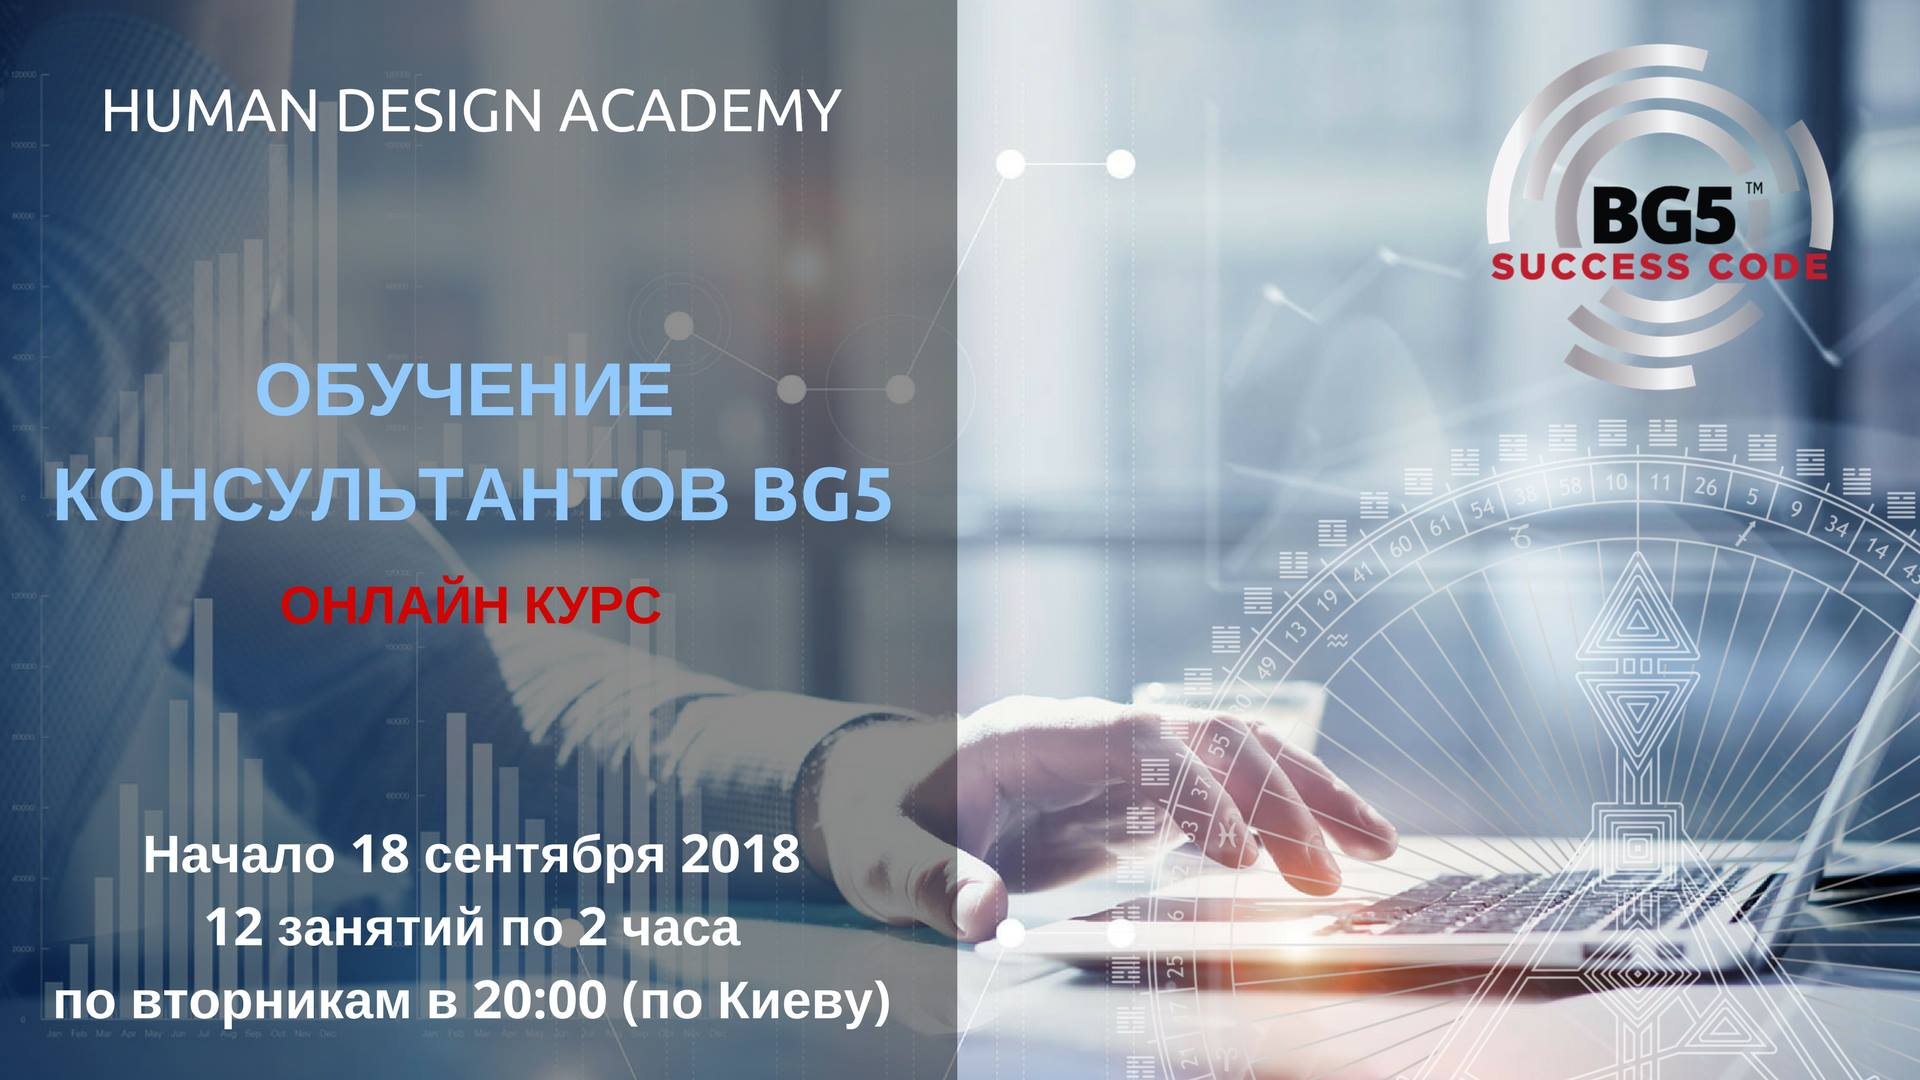 Обучение аналитиков BG5